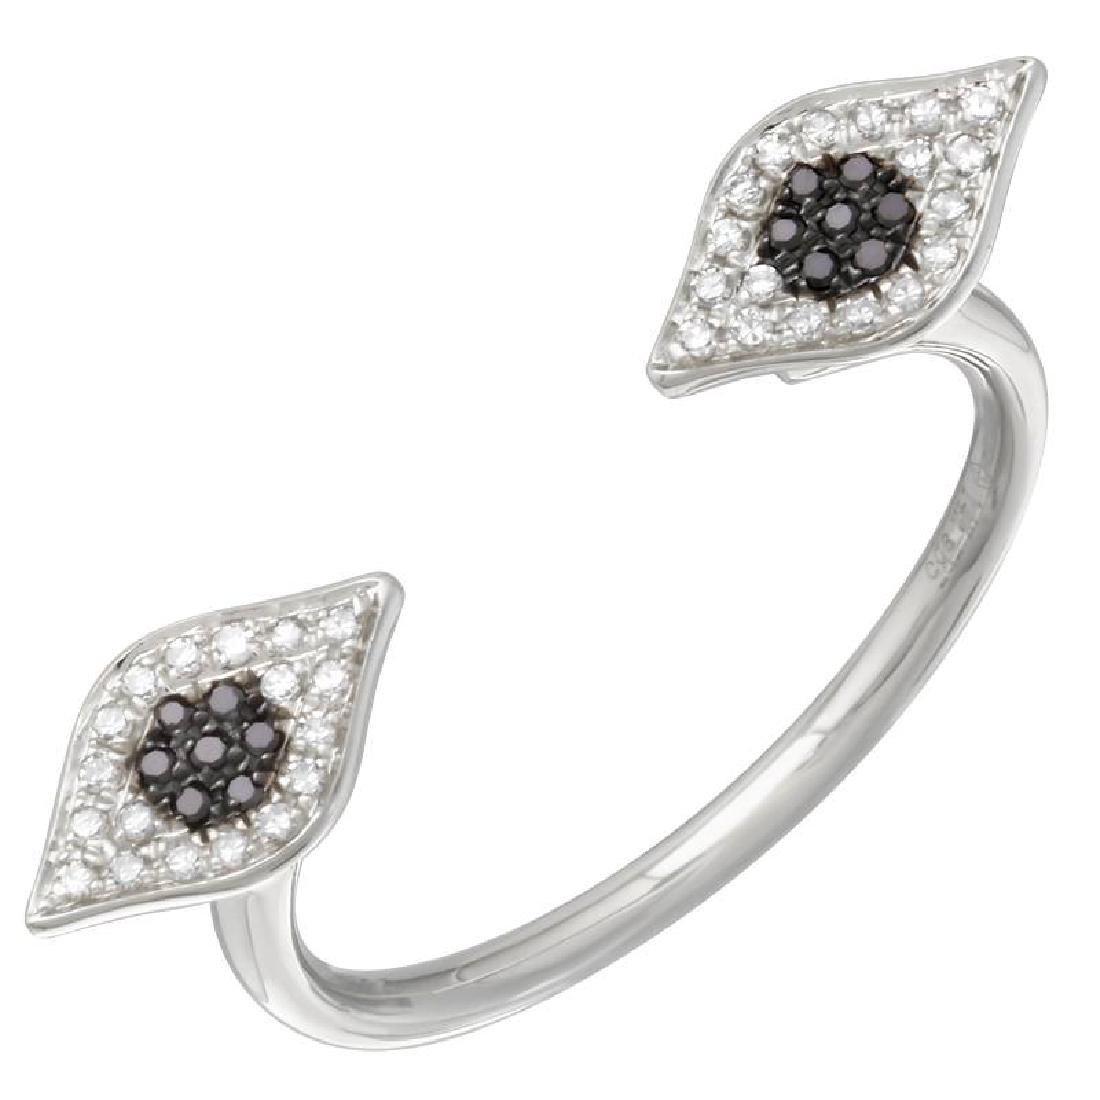 14KT White Gold Women's Diamond Ring